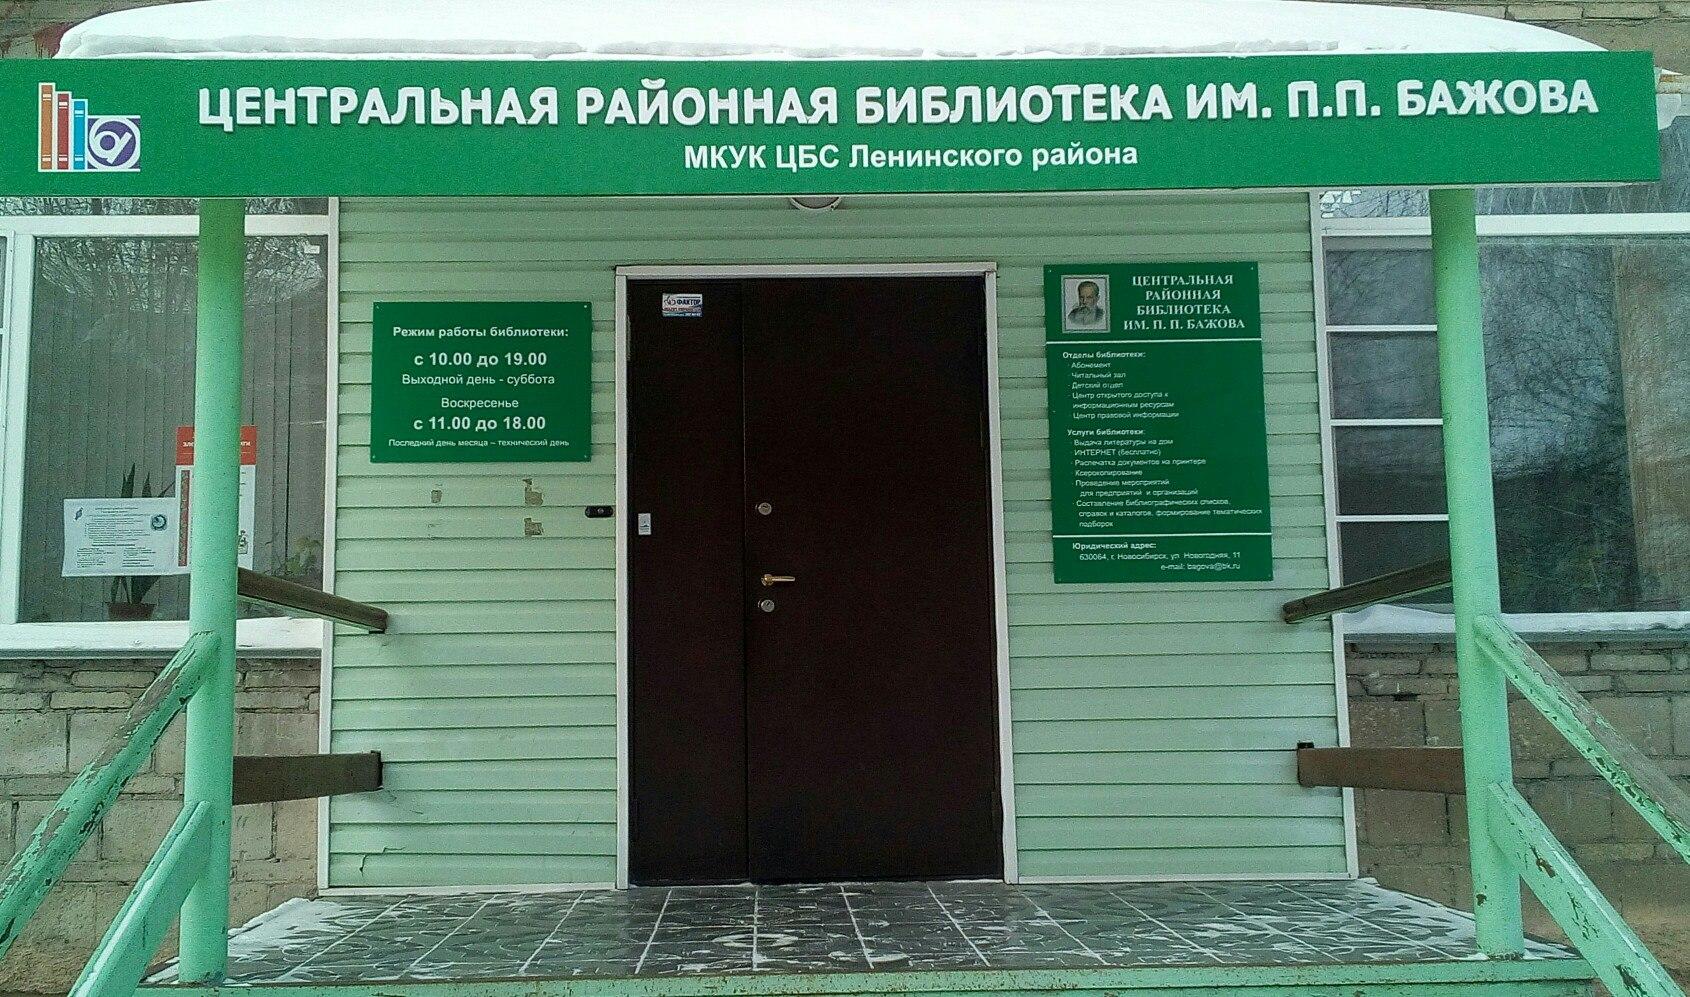 Центральная районная библиотека им. П. П. Бажова